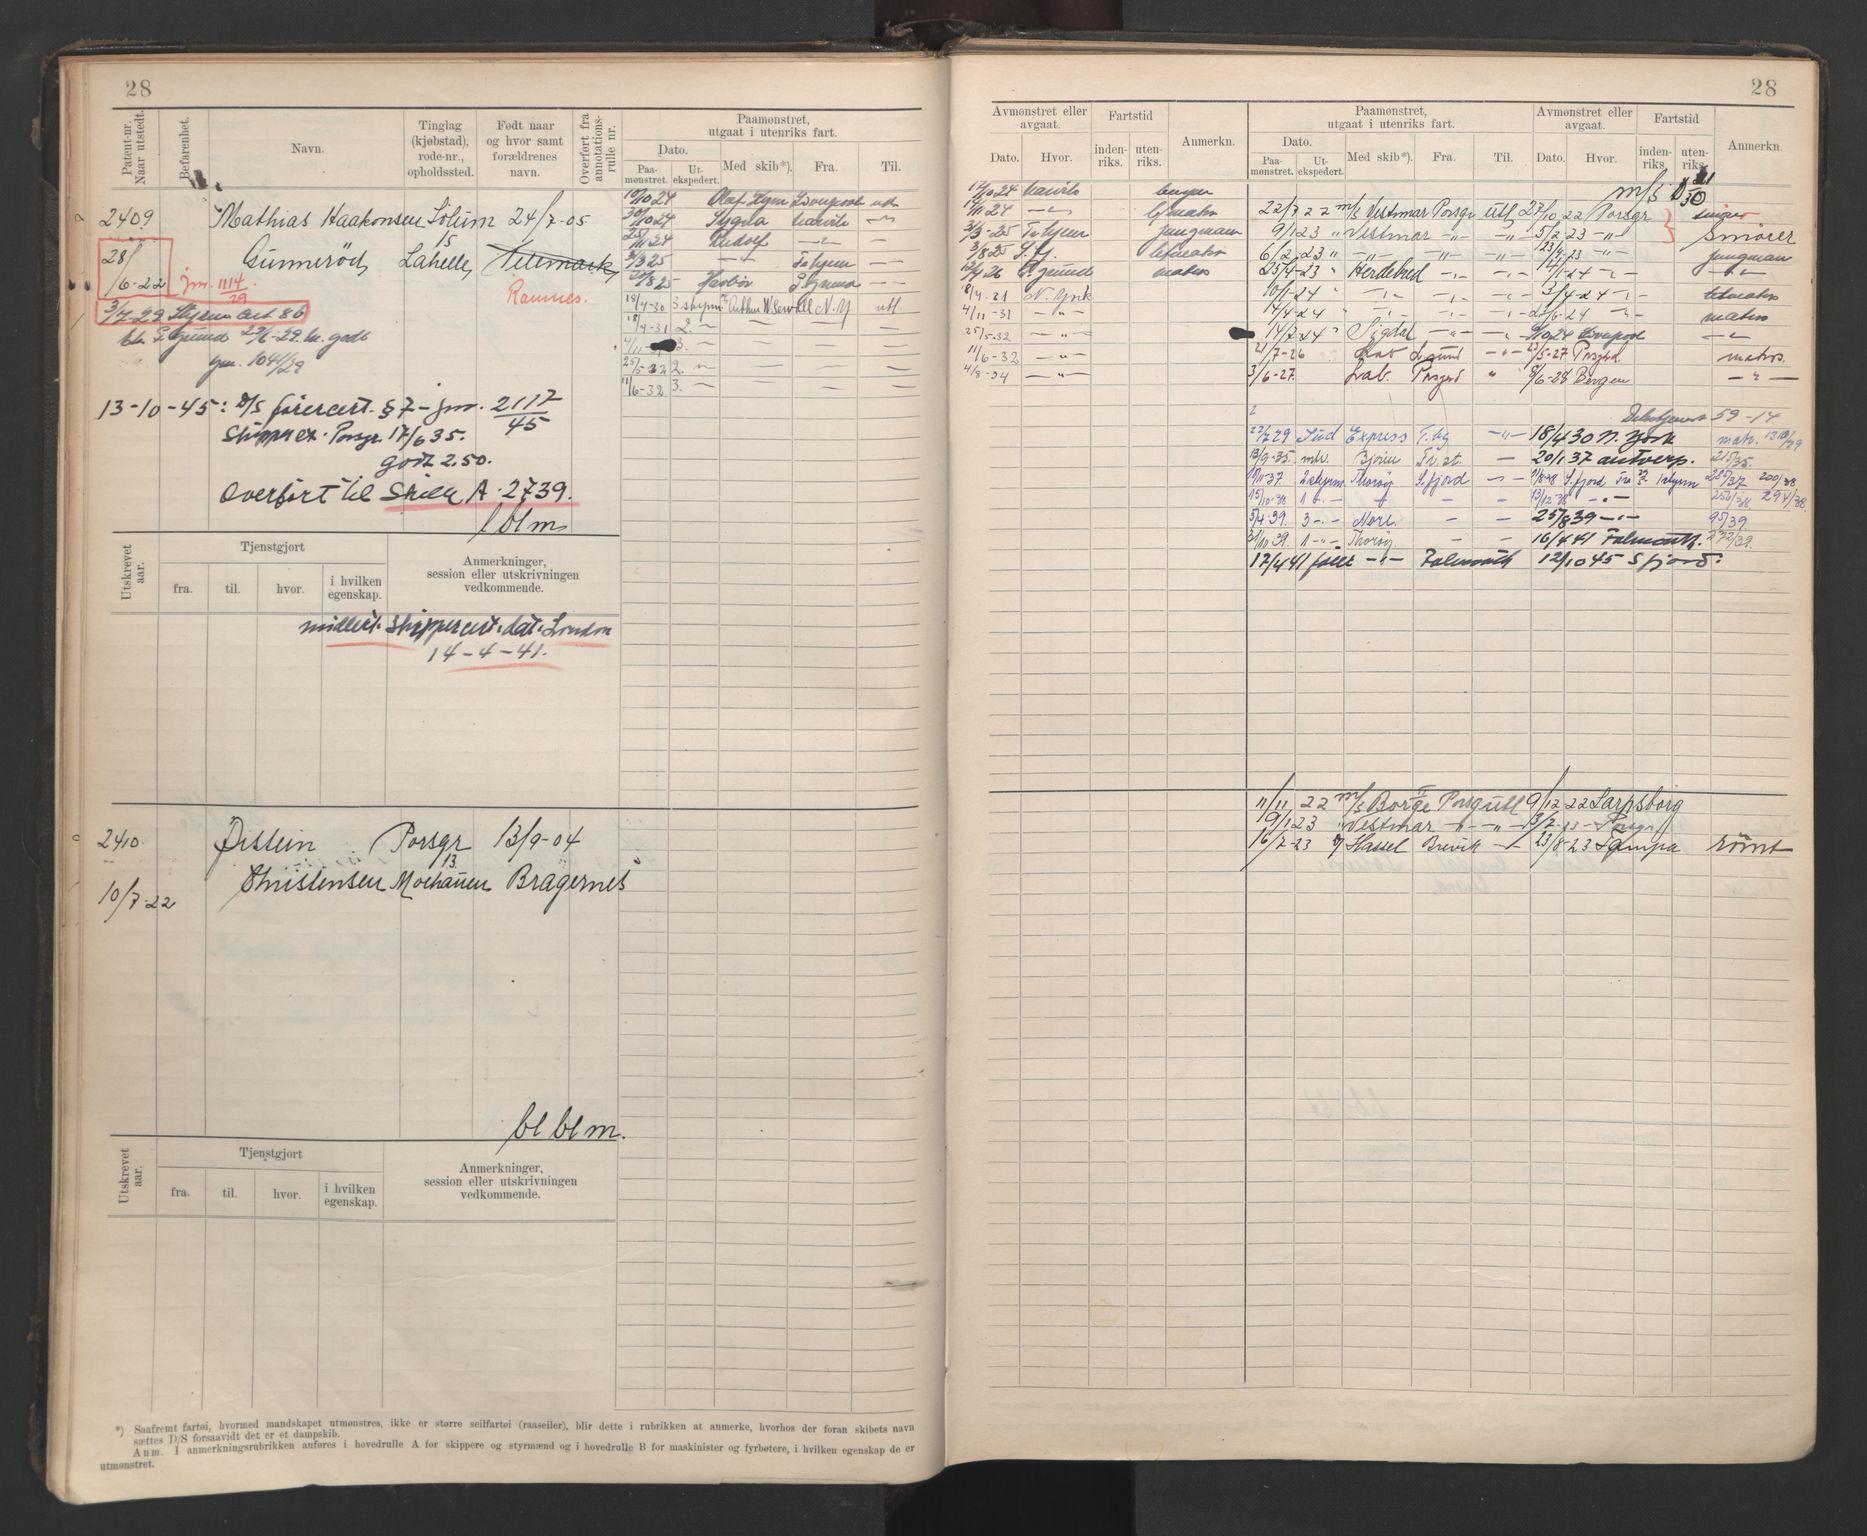 SAKO, Porsgrunn innrulleringskontor, F/Fb/L0007: Annotasjonsrulle, 1926-1948, s. 28